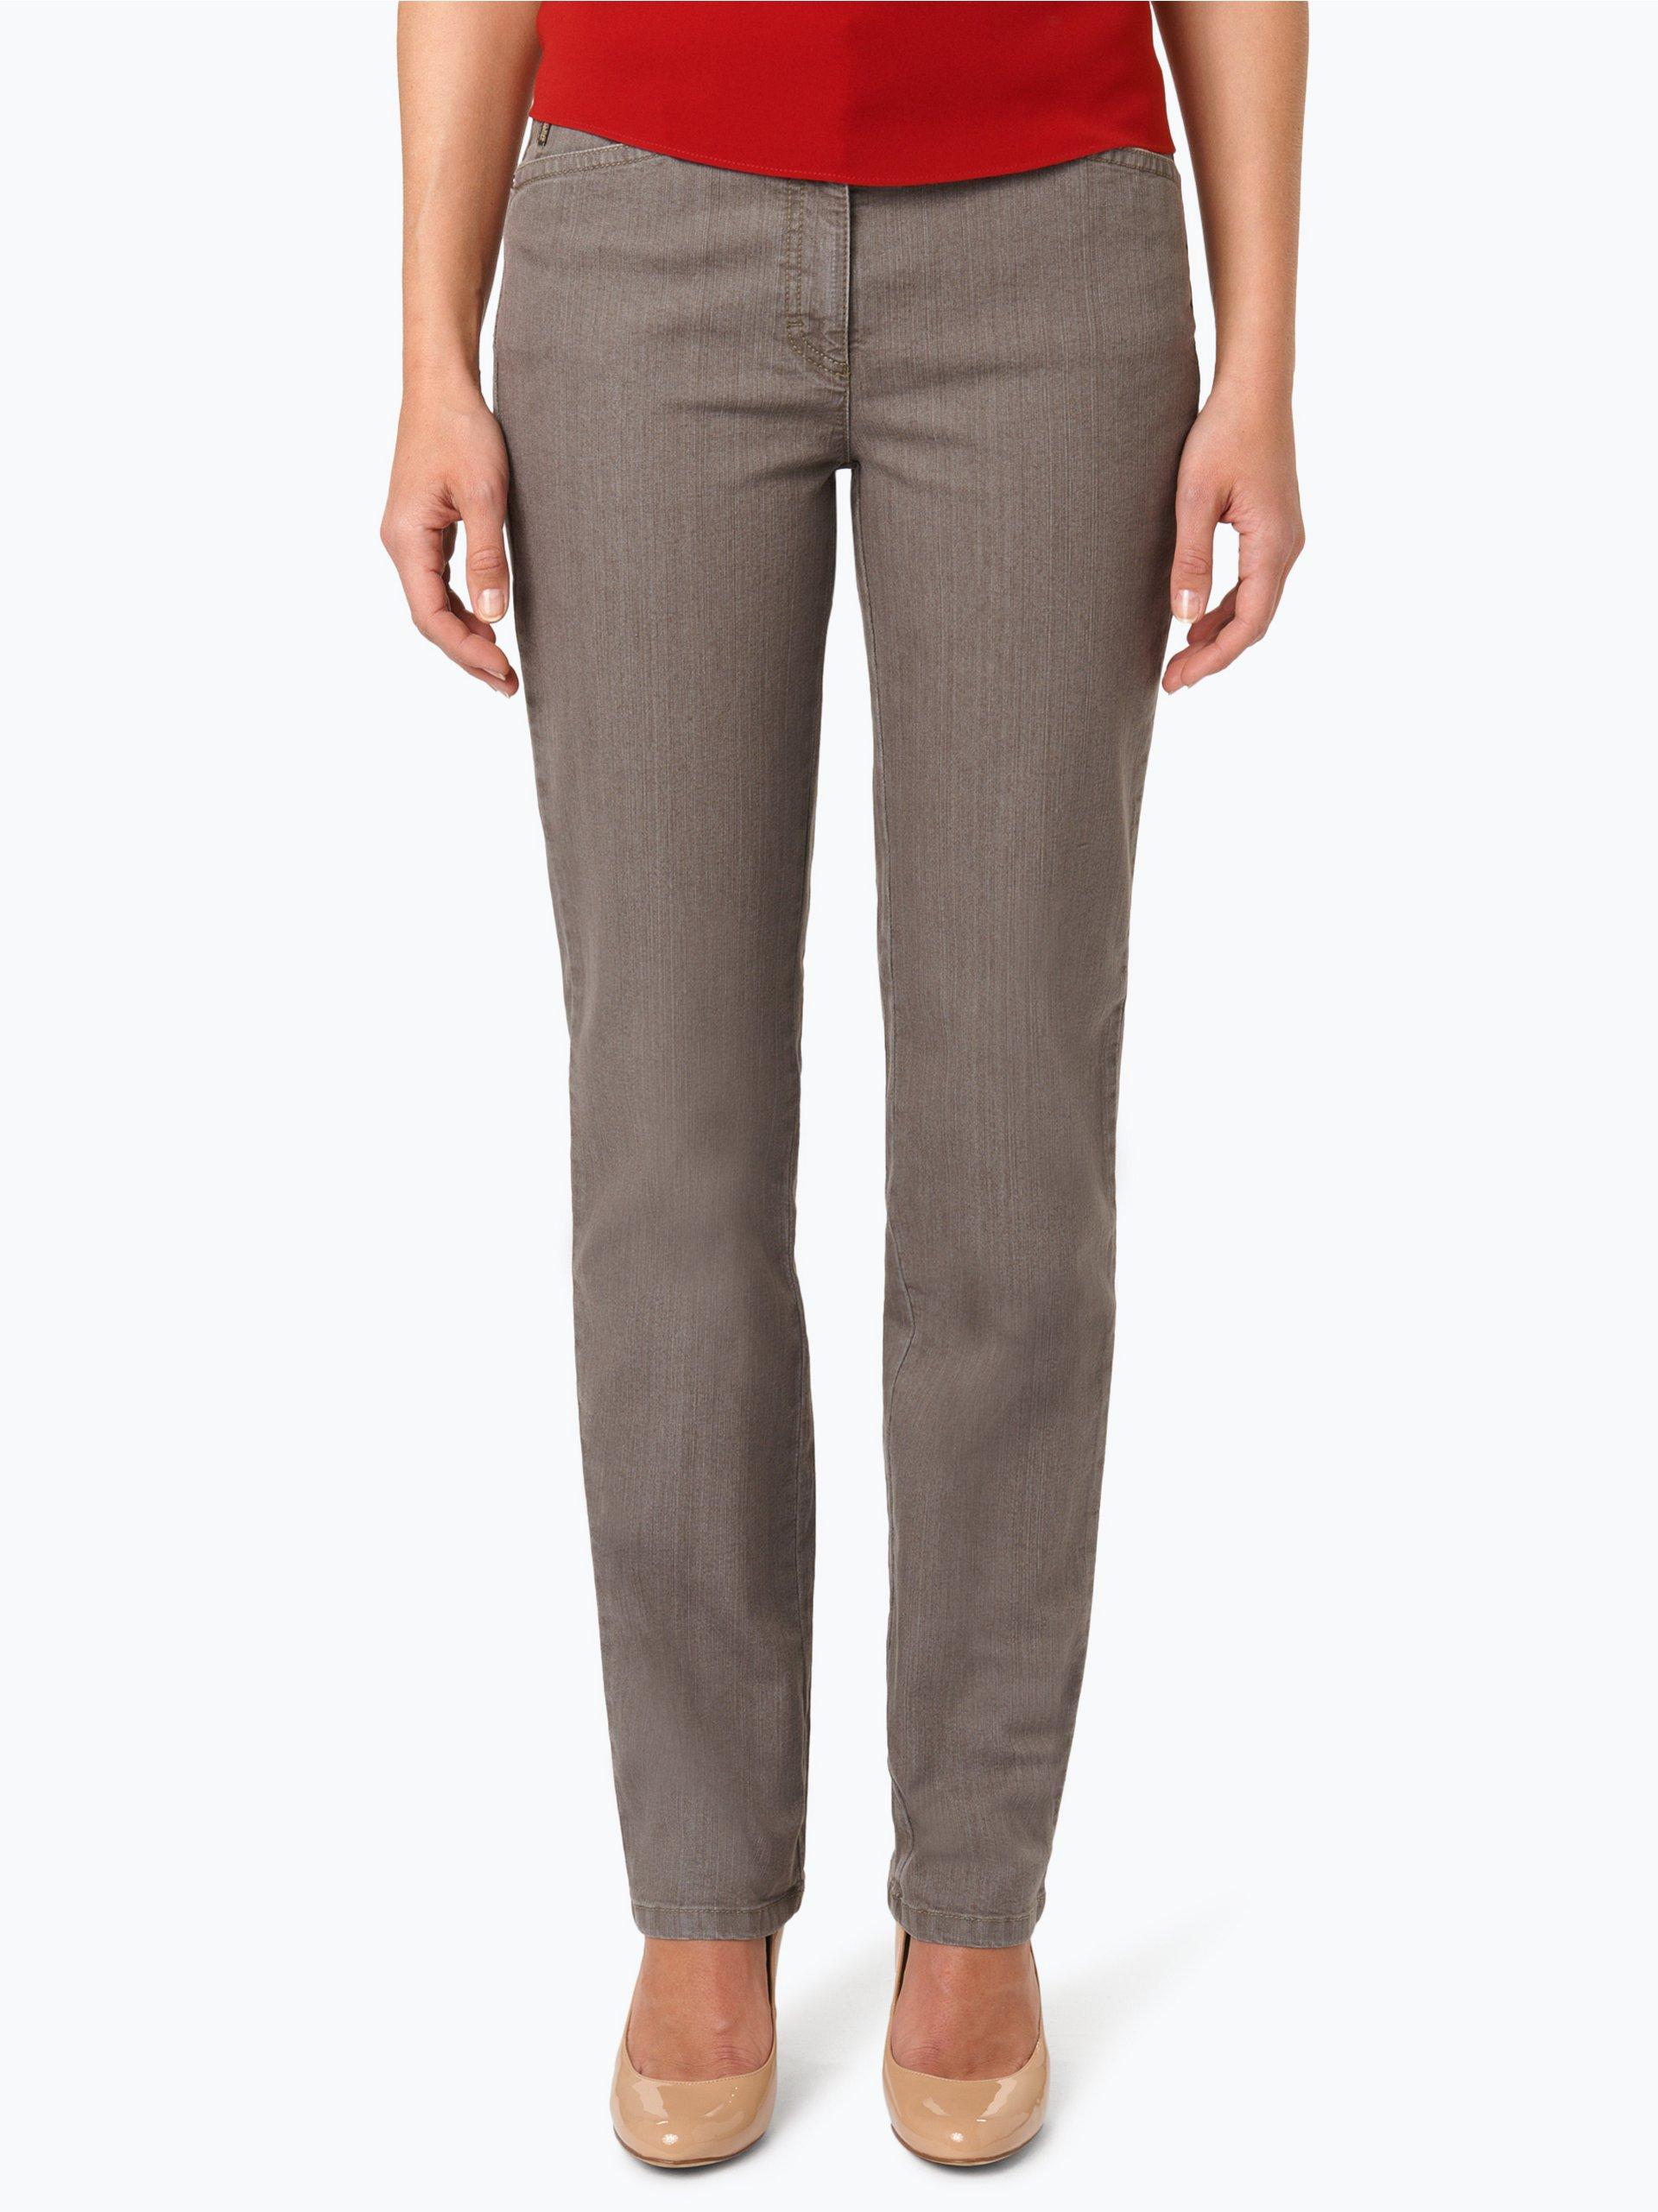 Zerres Damen Jeans - Tina